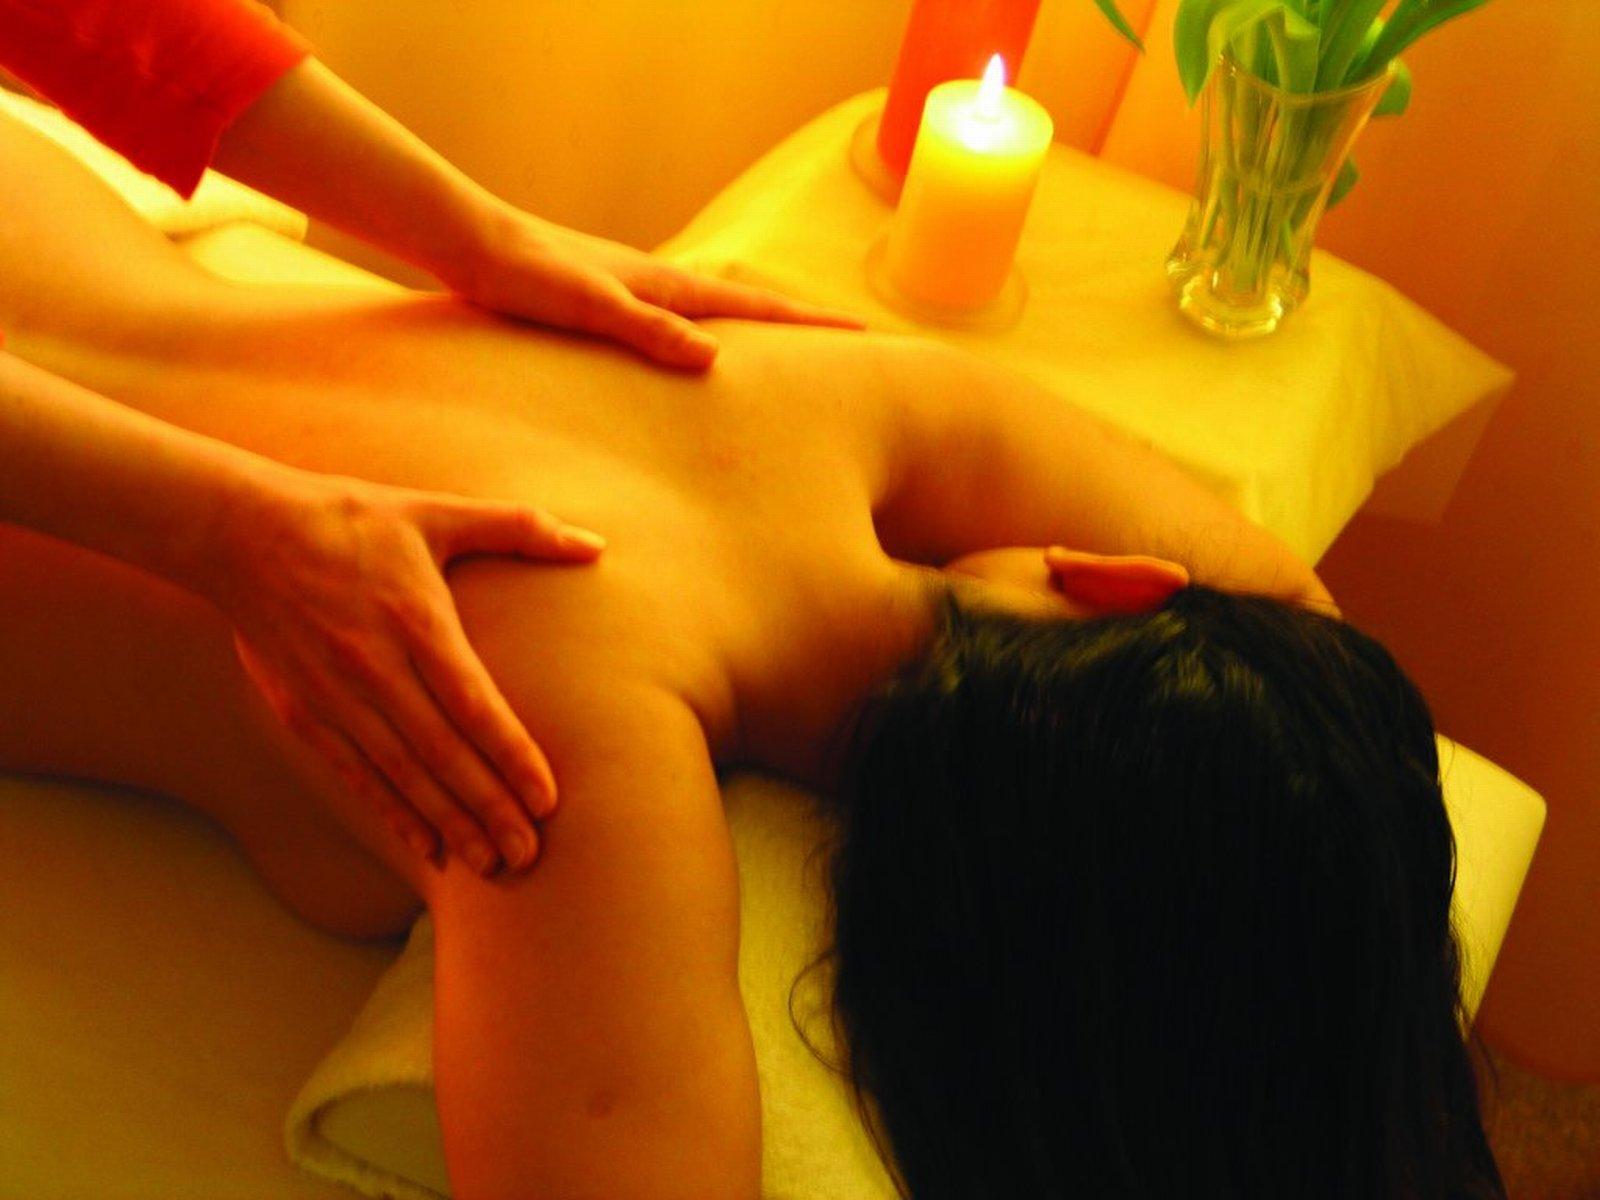 секс-массаж в хабаровске посмотрел